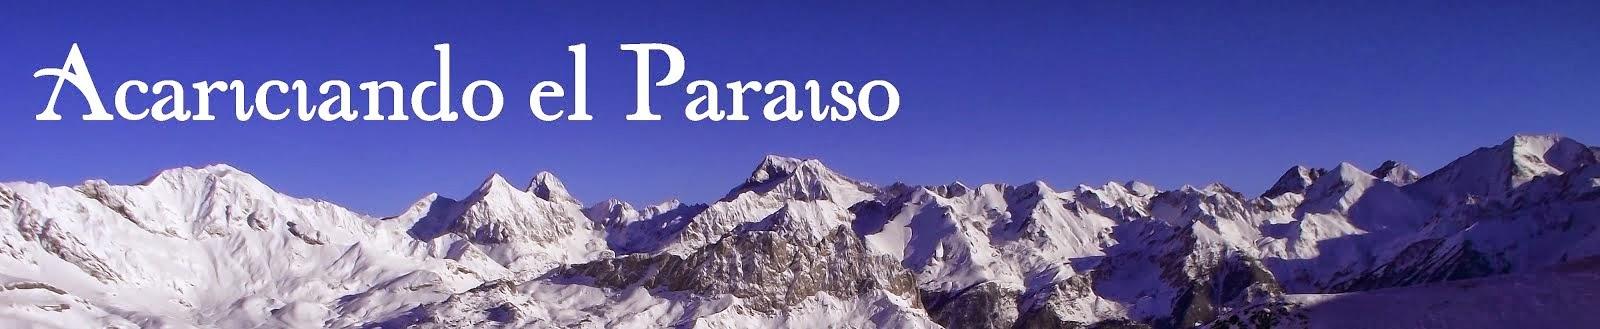 Acariciando el Paraiso